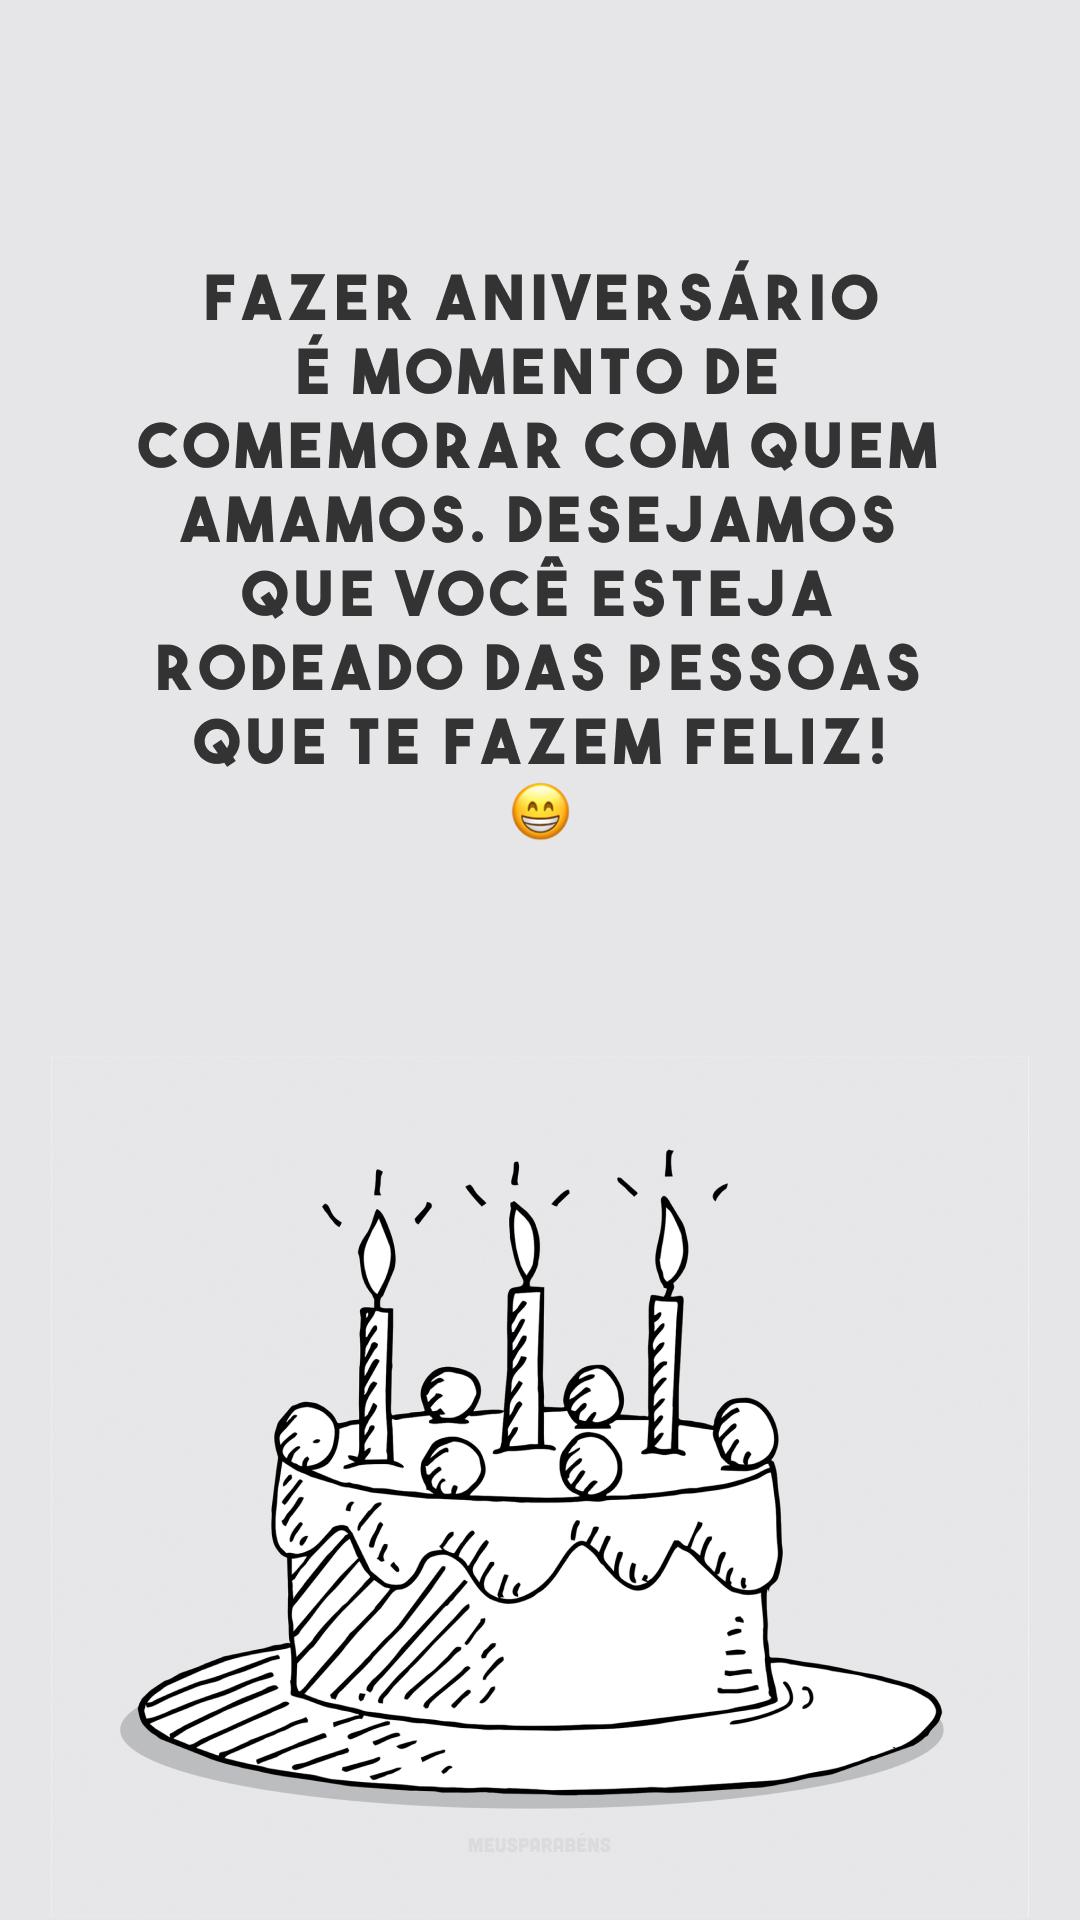 Fazer aniversário é momento de comemorar com quem amamos. Desejamos que você esteja rodeado das pessoas que te fazem feliz! 😁